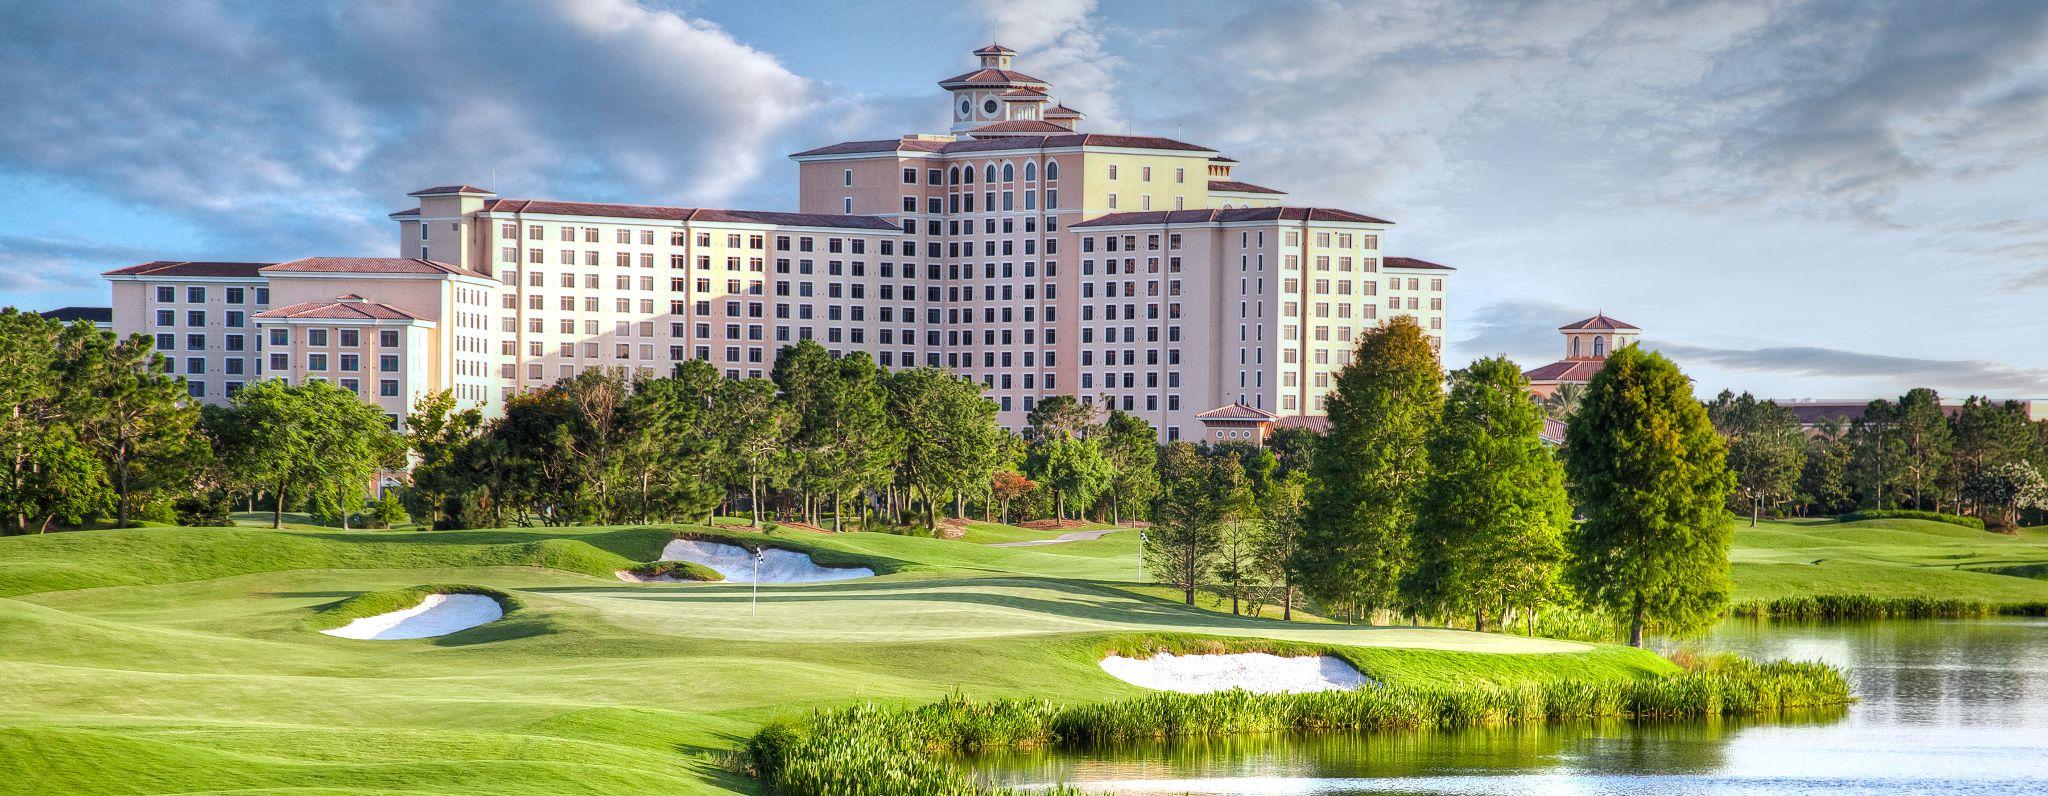 Shingle Creek Golf Club-6840_hotel_golf_course.jpg